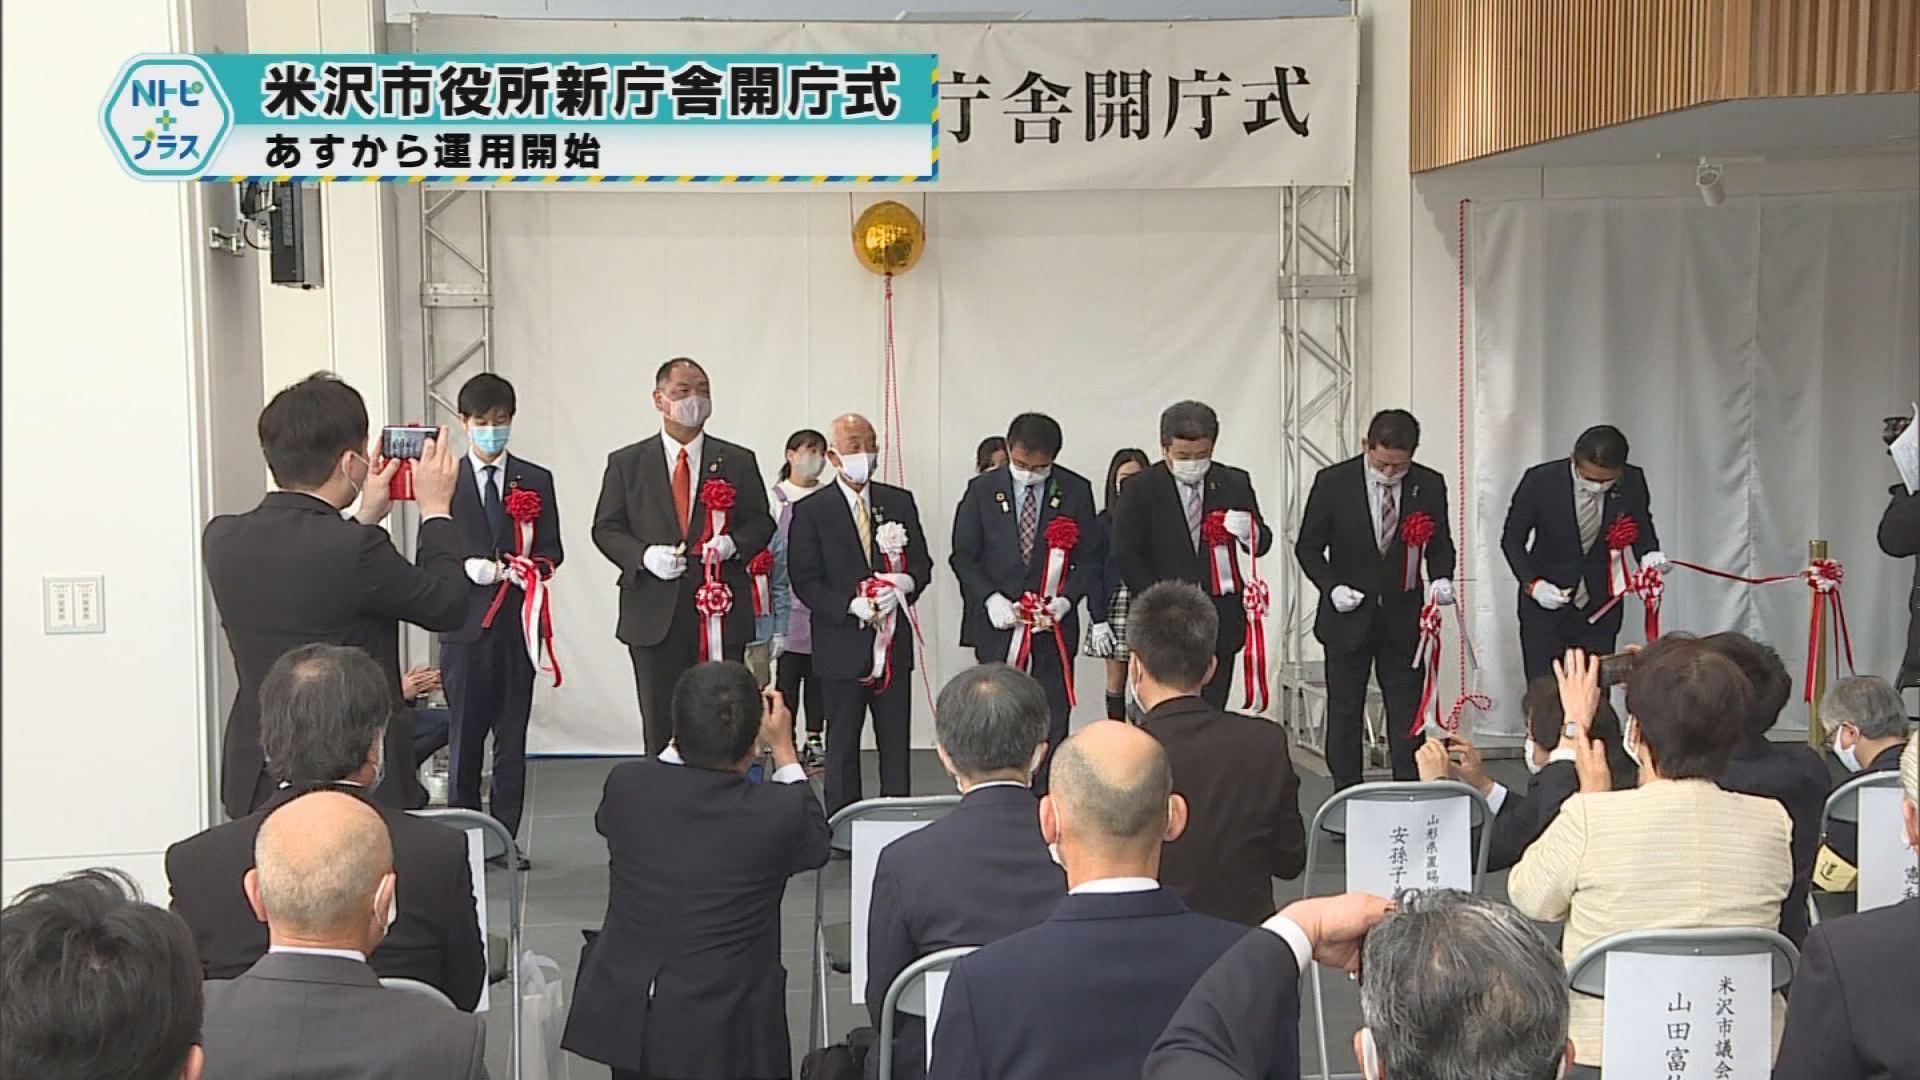 「米沢市役所新庁舎開庁式」 あすから運用開始